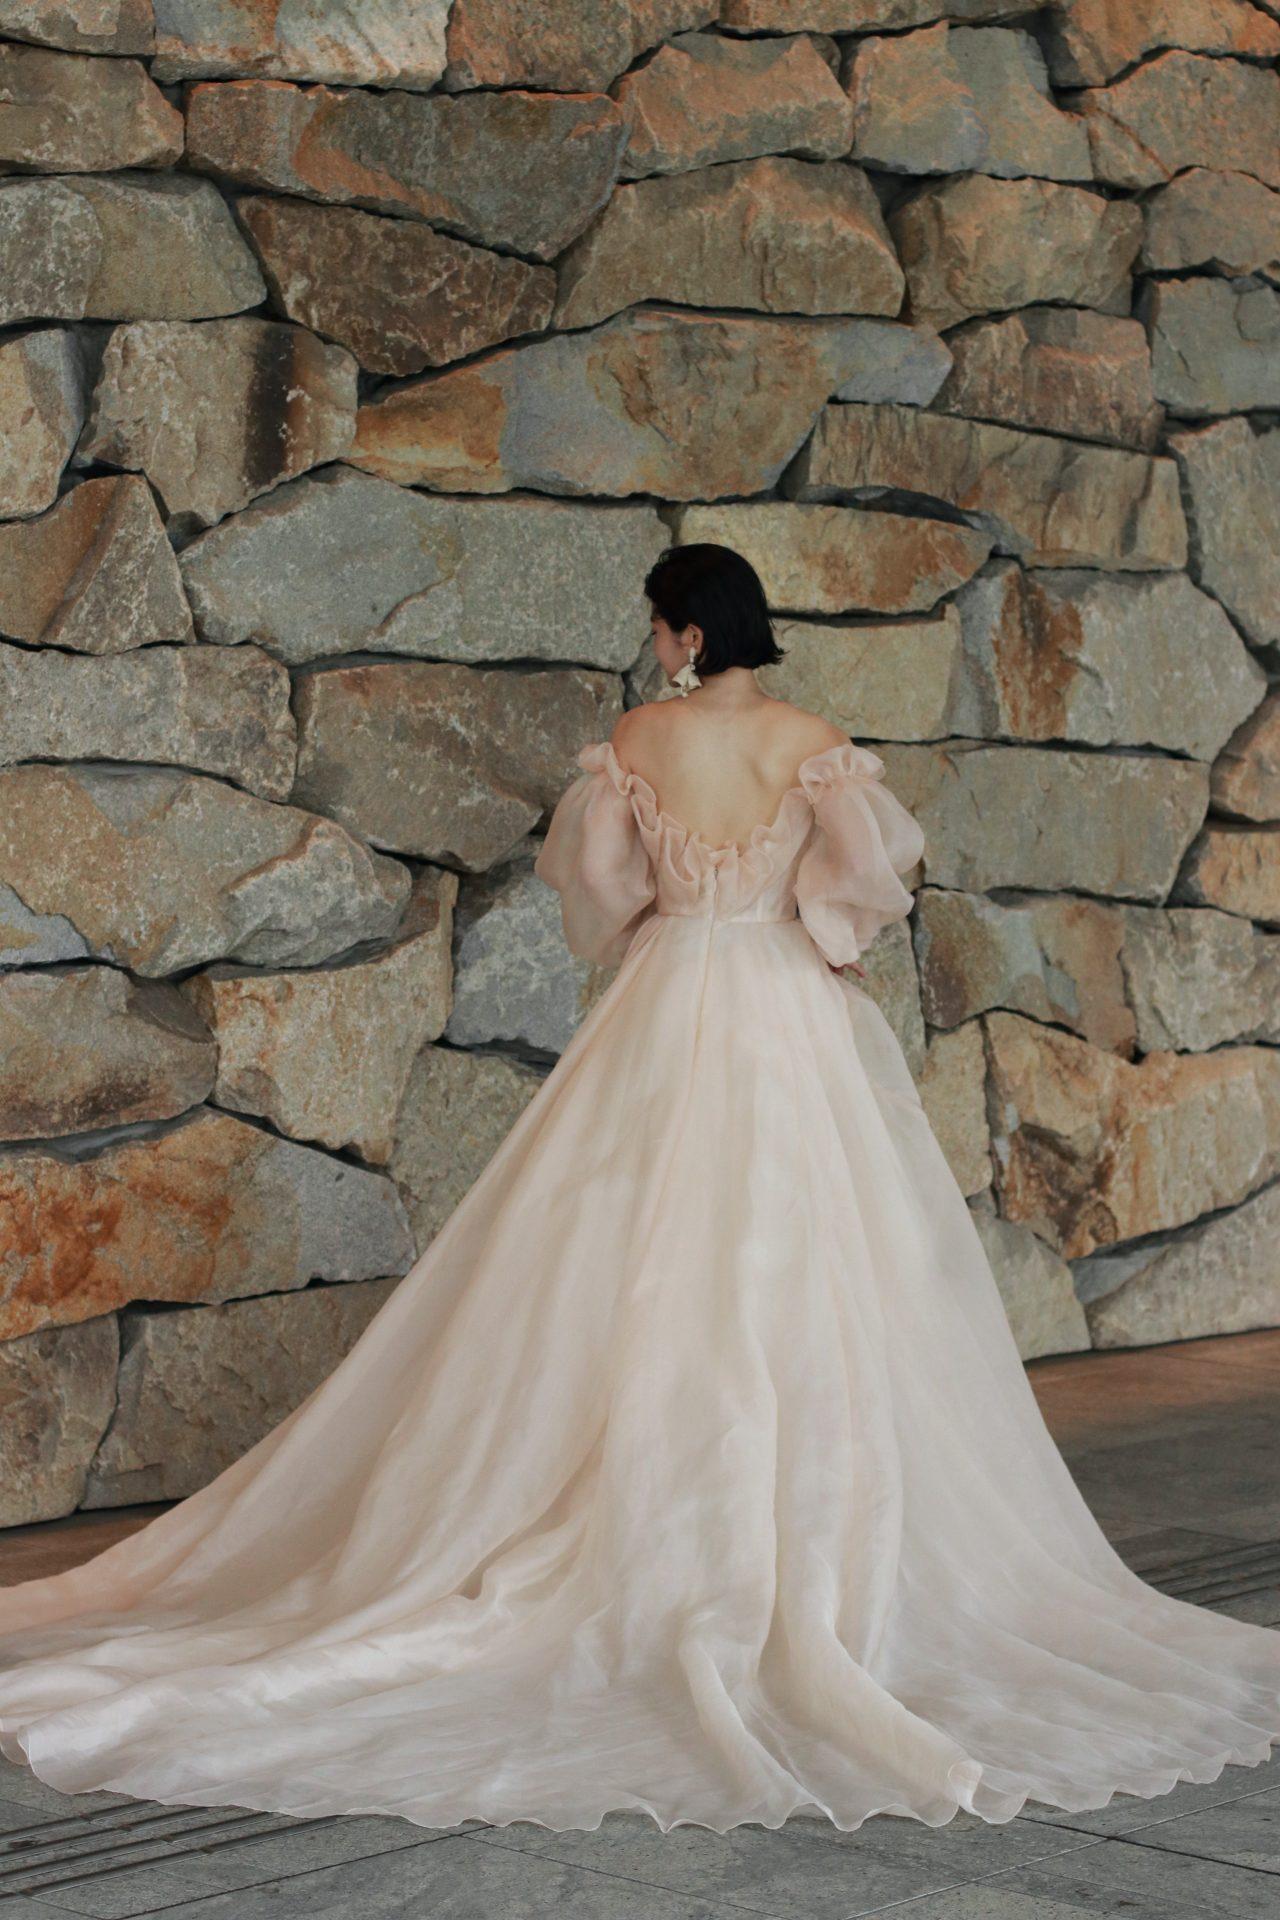 ロングトレーンのウェディングドレスはクラシックな印象になりますが、オフショルダーデザインと合わさる事でモダンなバックスタイルを叶えます